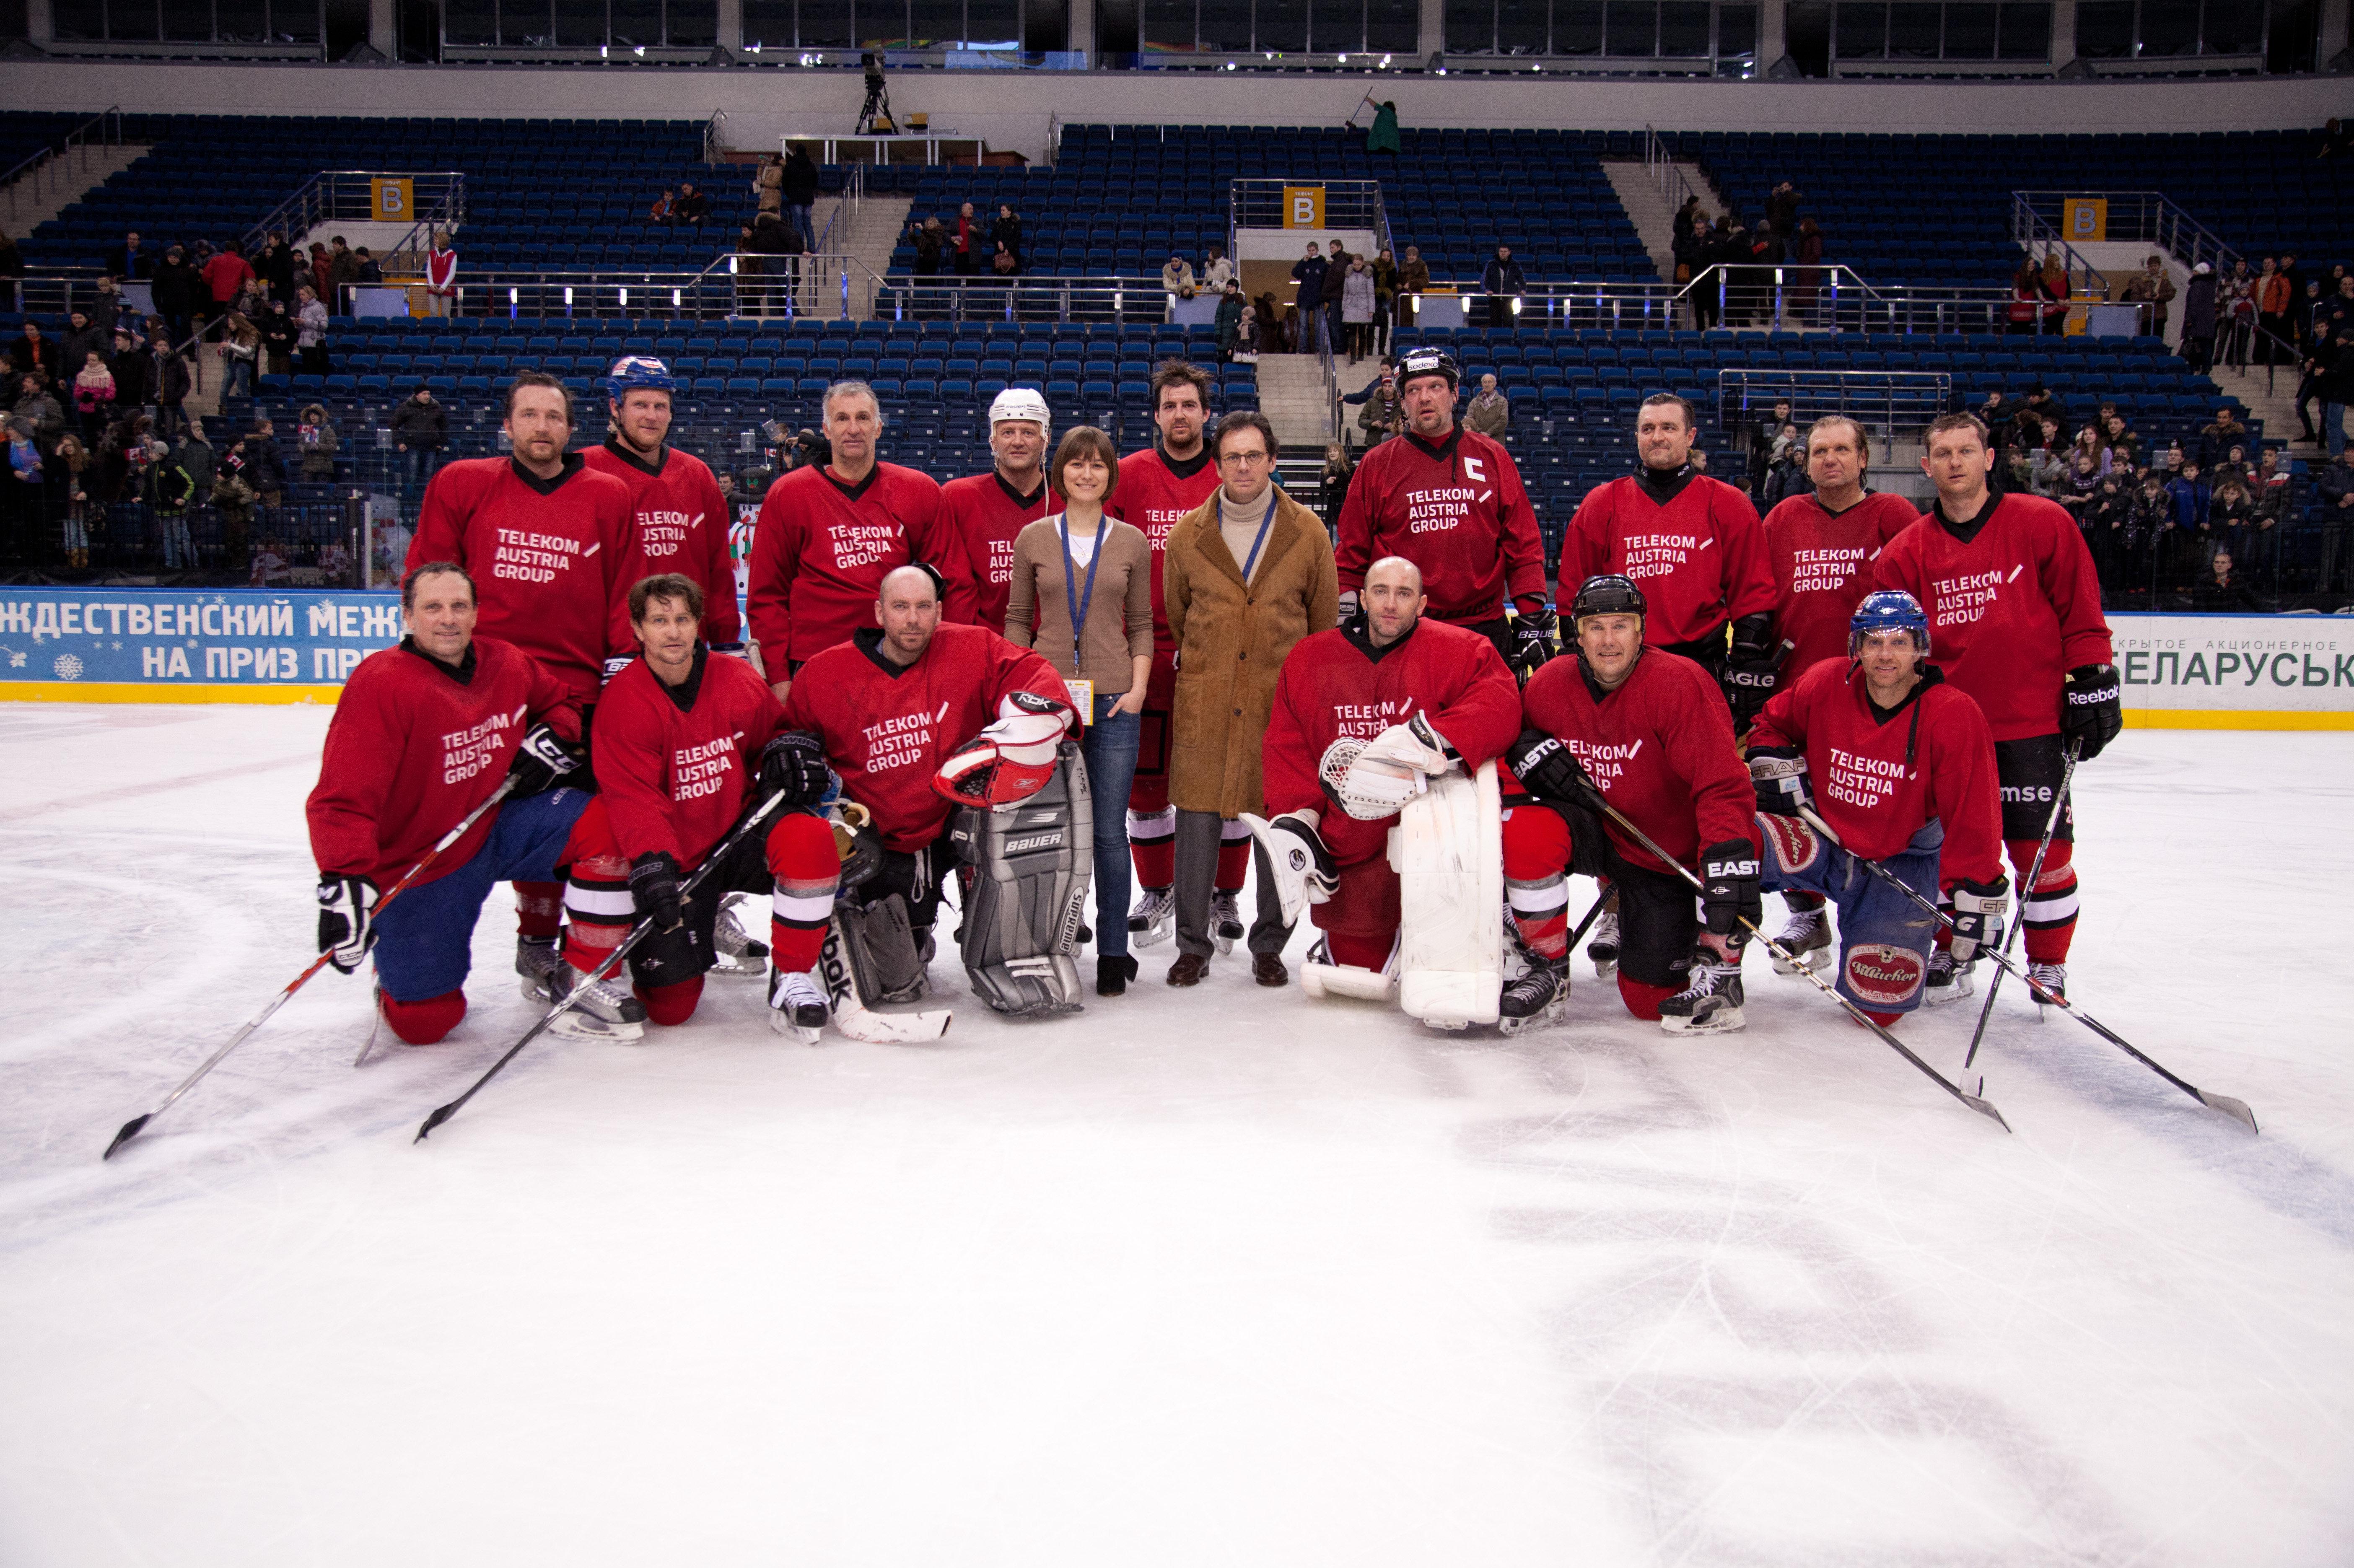 За время проведения Чемпионата мира по хоккею в Минске Александра стала страстной болельщицей